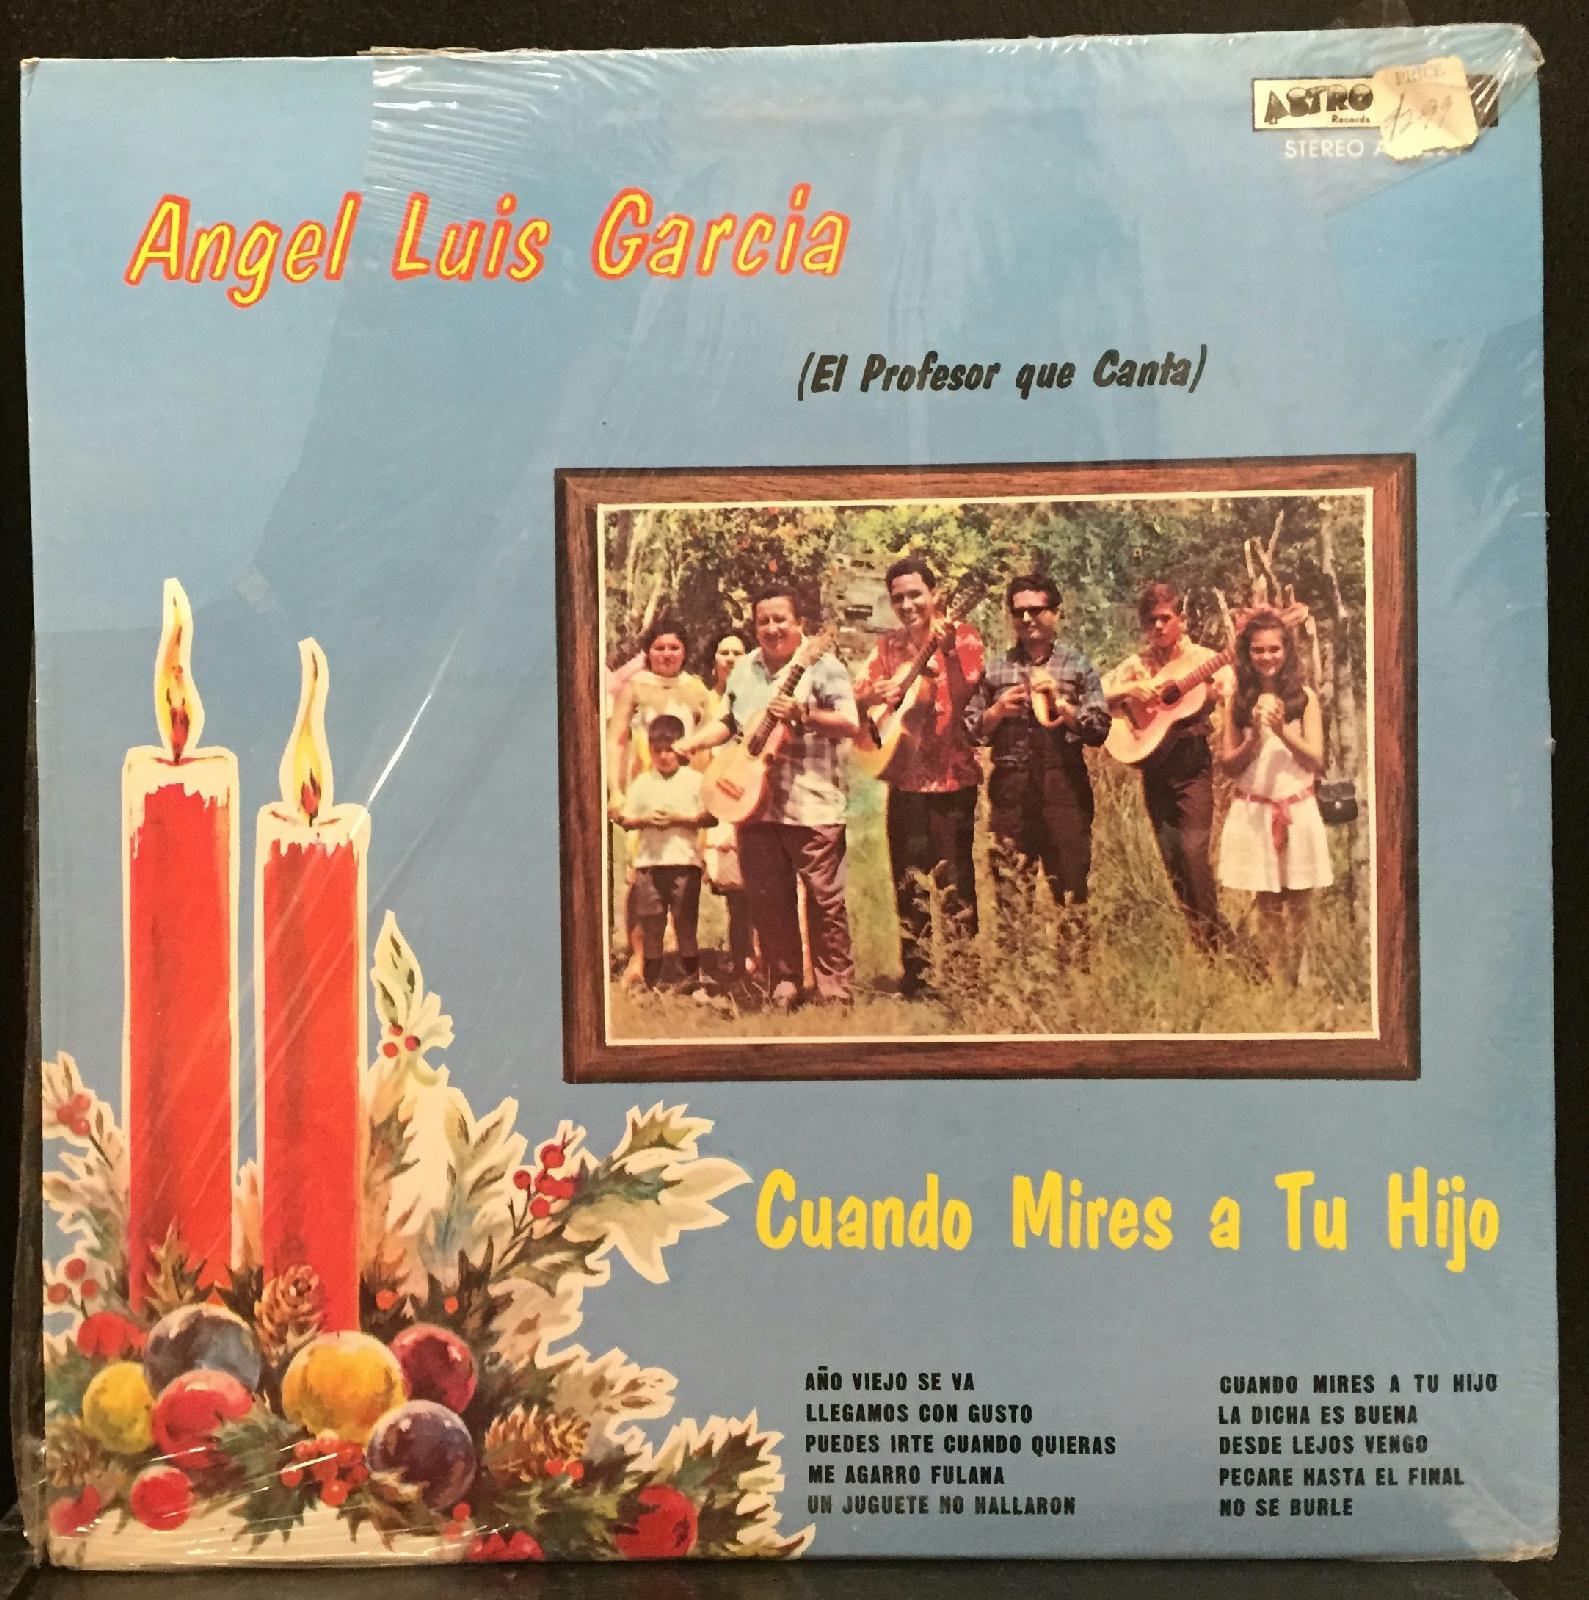 Angel Luis Garcia (el profesor que canta) - Angel Luis Garcia Cuando Mires A Tu Hijo Sealed Puerto Rico Jibara Latin Astro (cuando Mires A Tu Hi